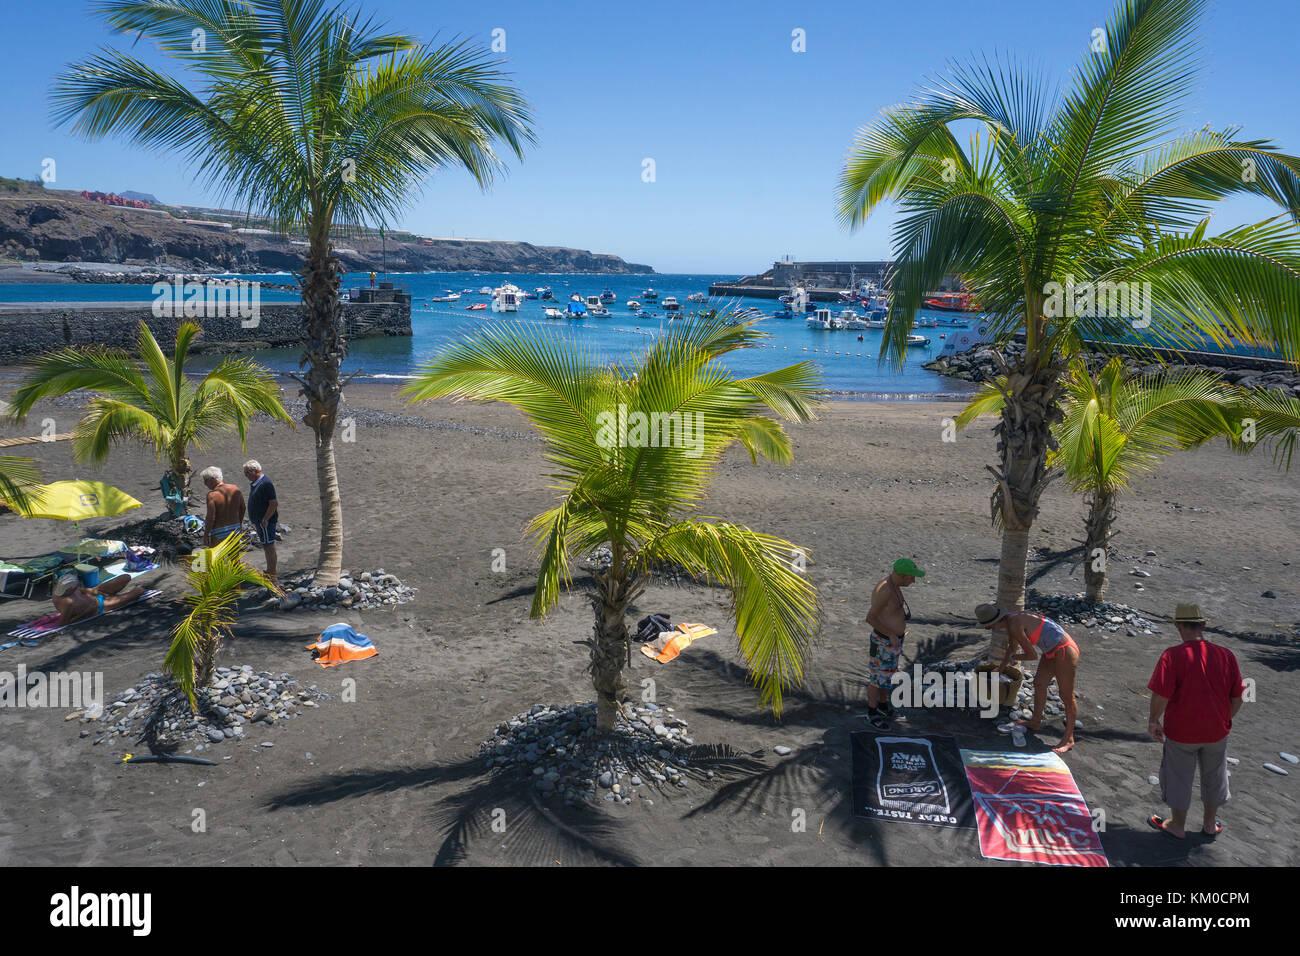 Playa San Juan, Strand an der Westküste der Insel, Teneriffa, Kanarische Inseln, SpanienStockfoto